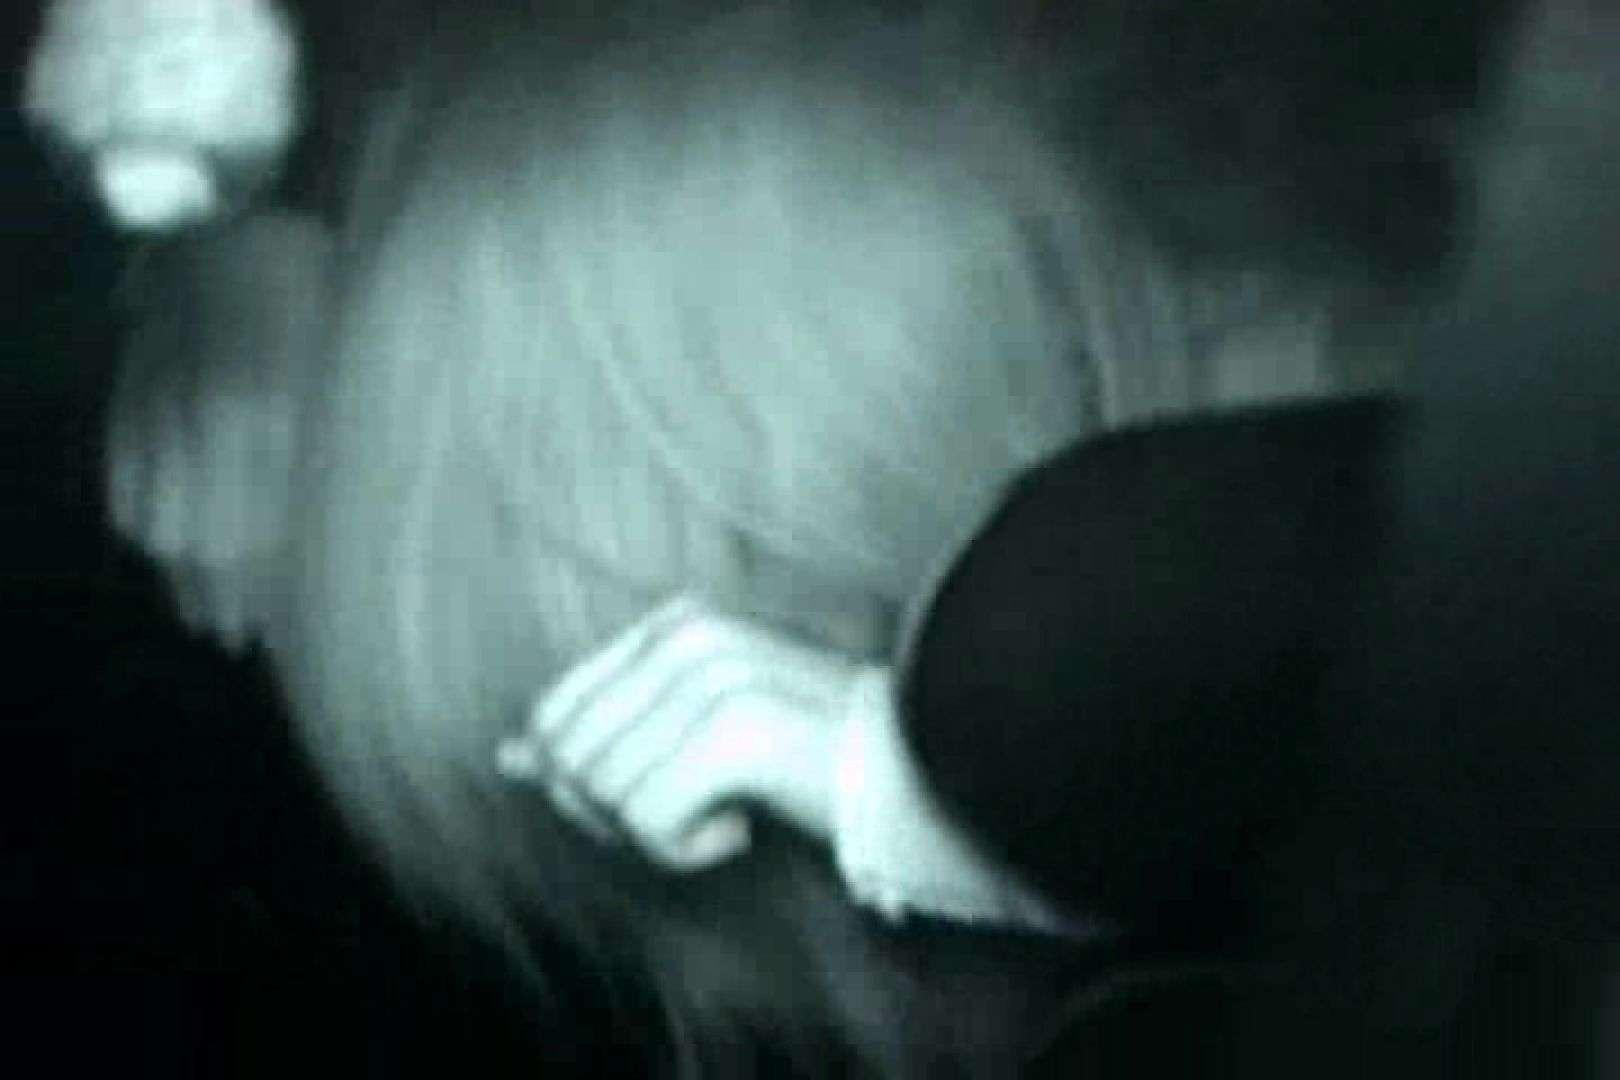 充血監督の深夜の運動会Vol.137 クンニ すけべAV動画紹介 98pic 71